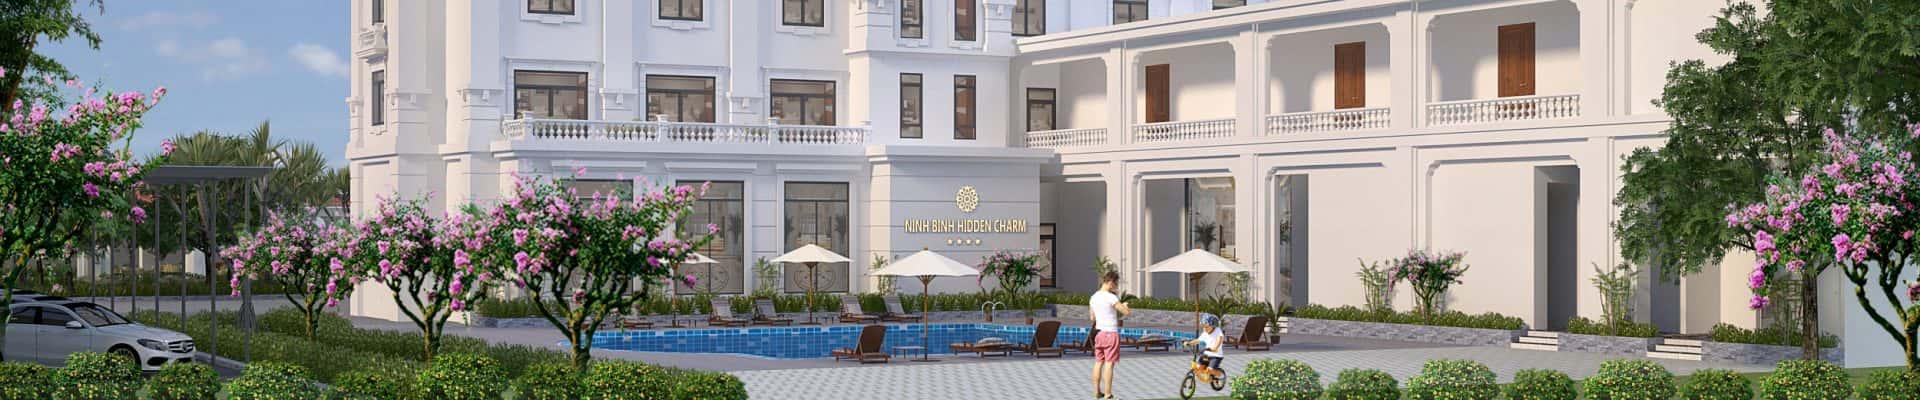 Thiết kế Resort 4 sao đẳng cấp Châu Âu